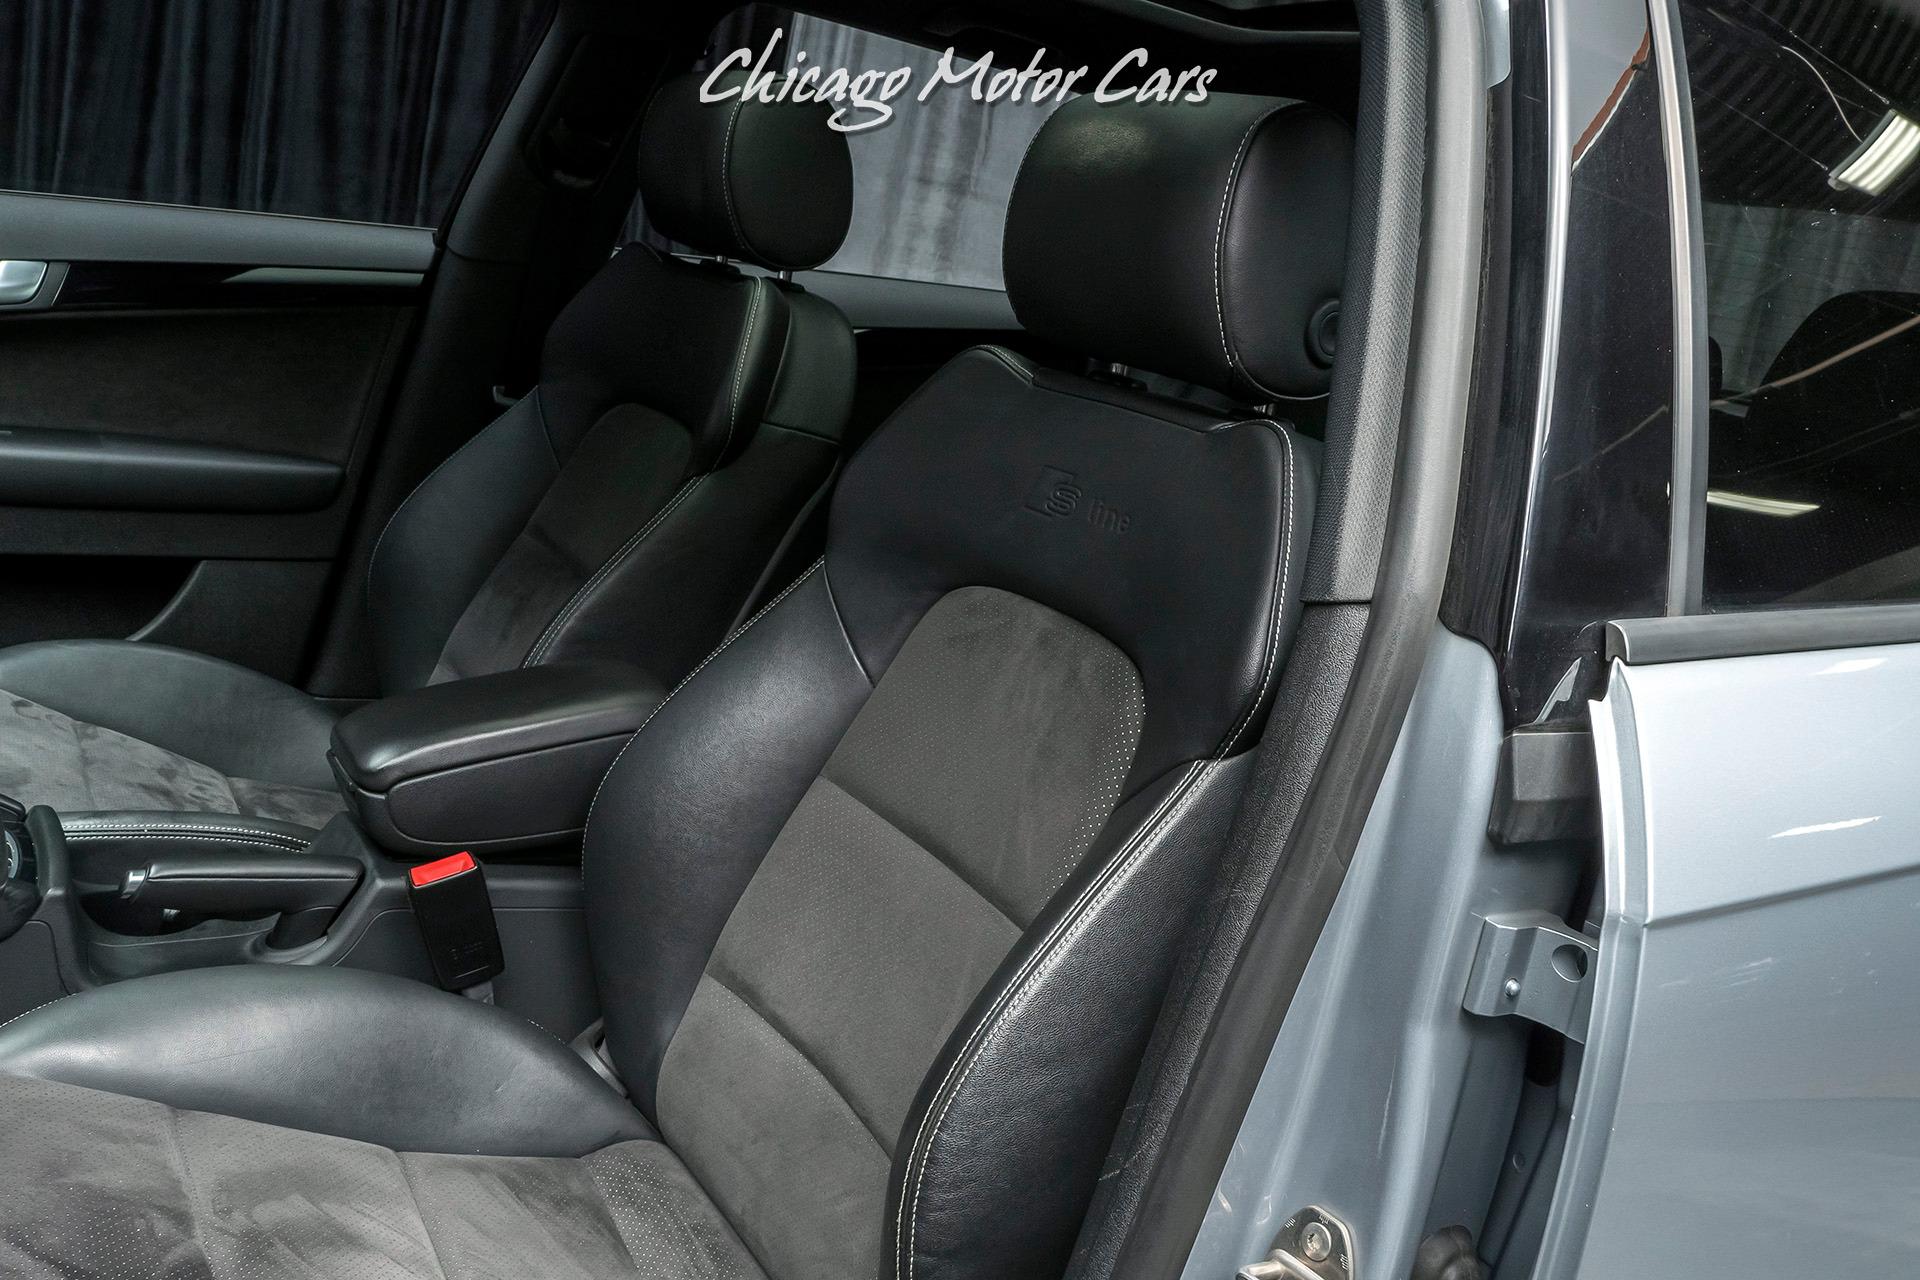 Used-2012-Audi-A3-20-TDI-Premium-Plus-Wagon-S-LINE-TITANIUM-SPORT-PACKAGE